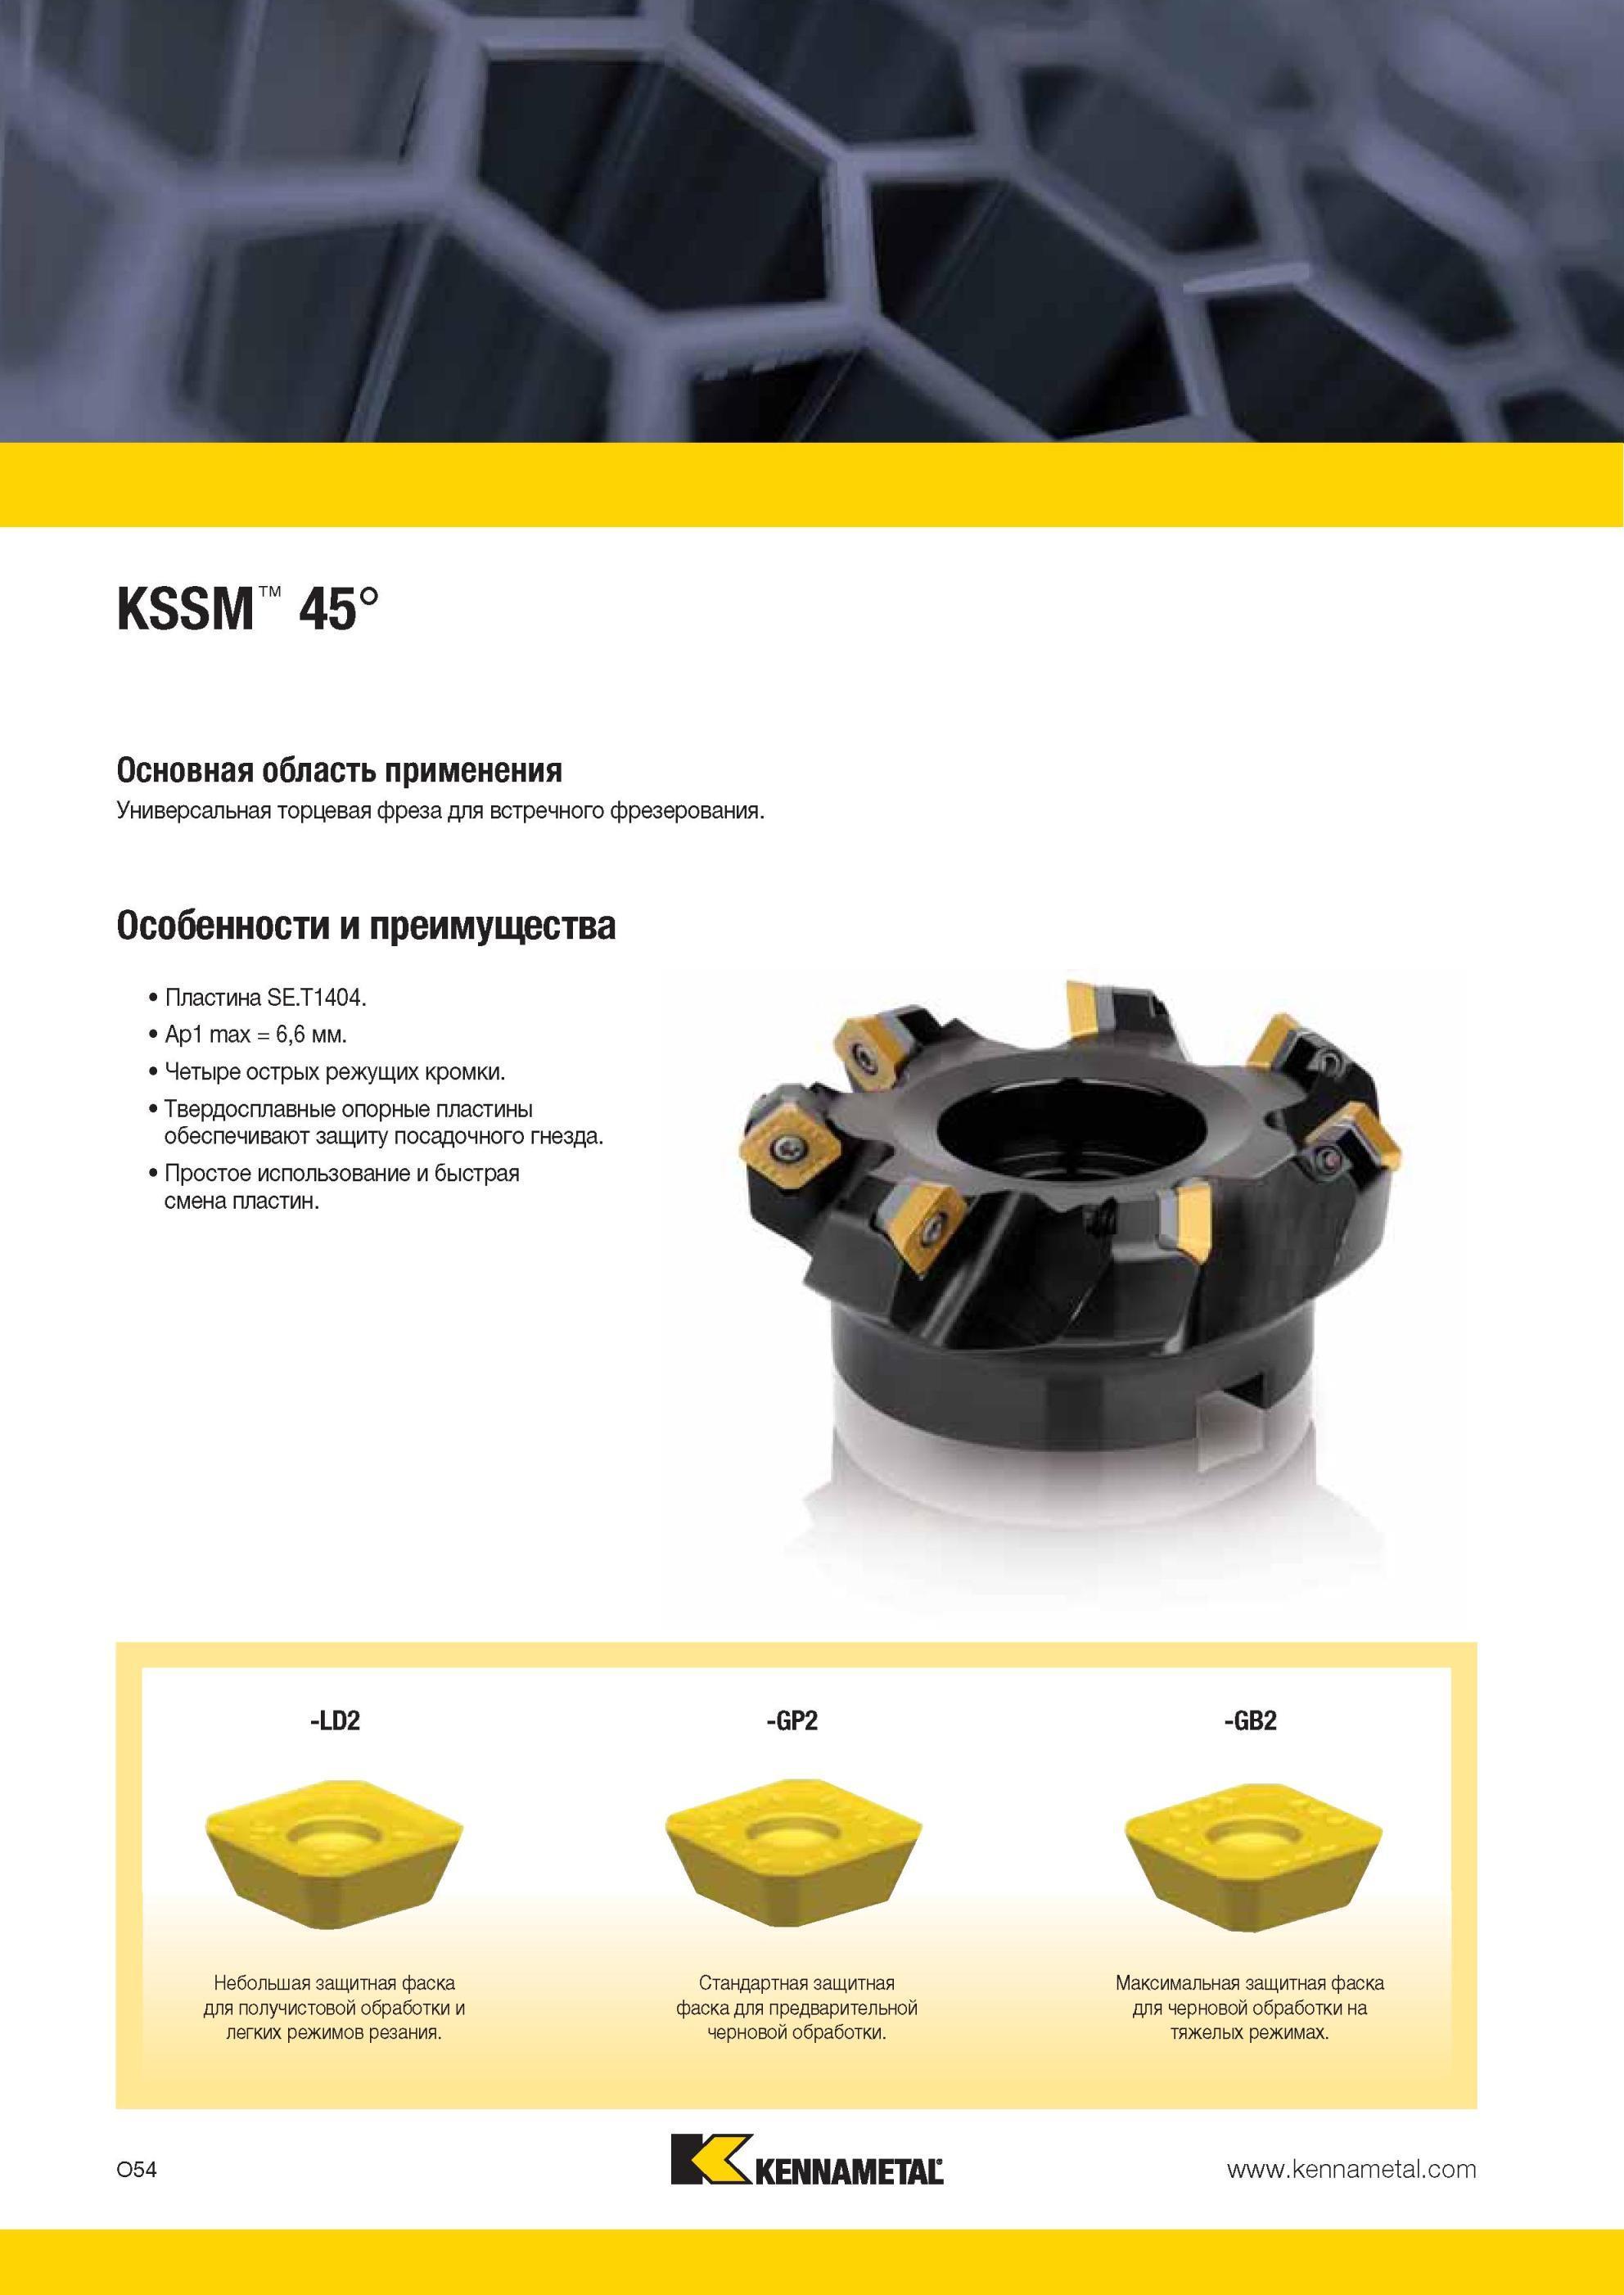 Трехсторонняя дисковая фреза гост 28527-90 – размеры и качество + видео